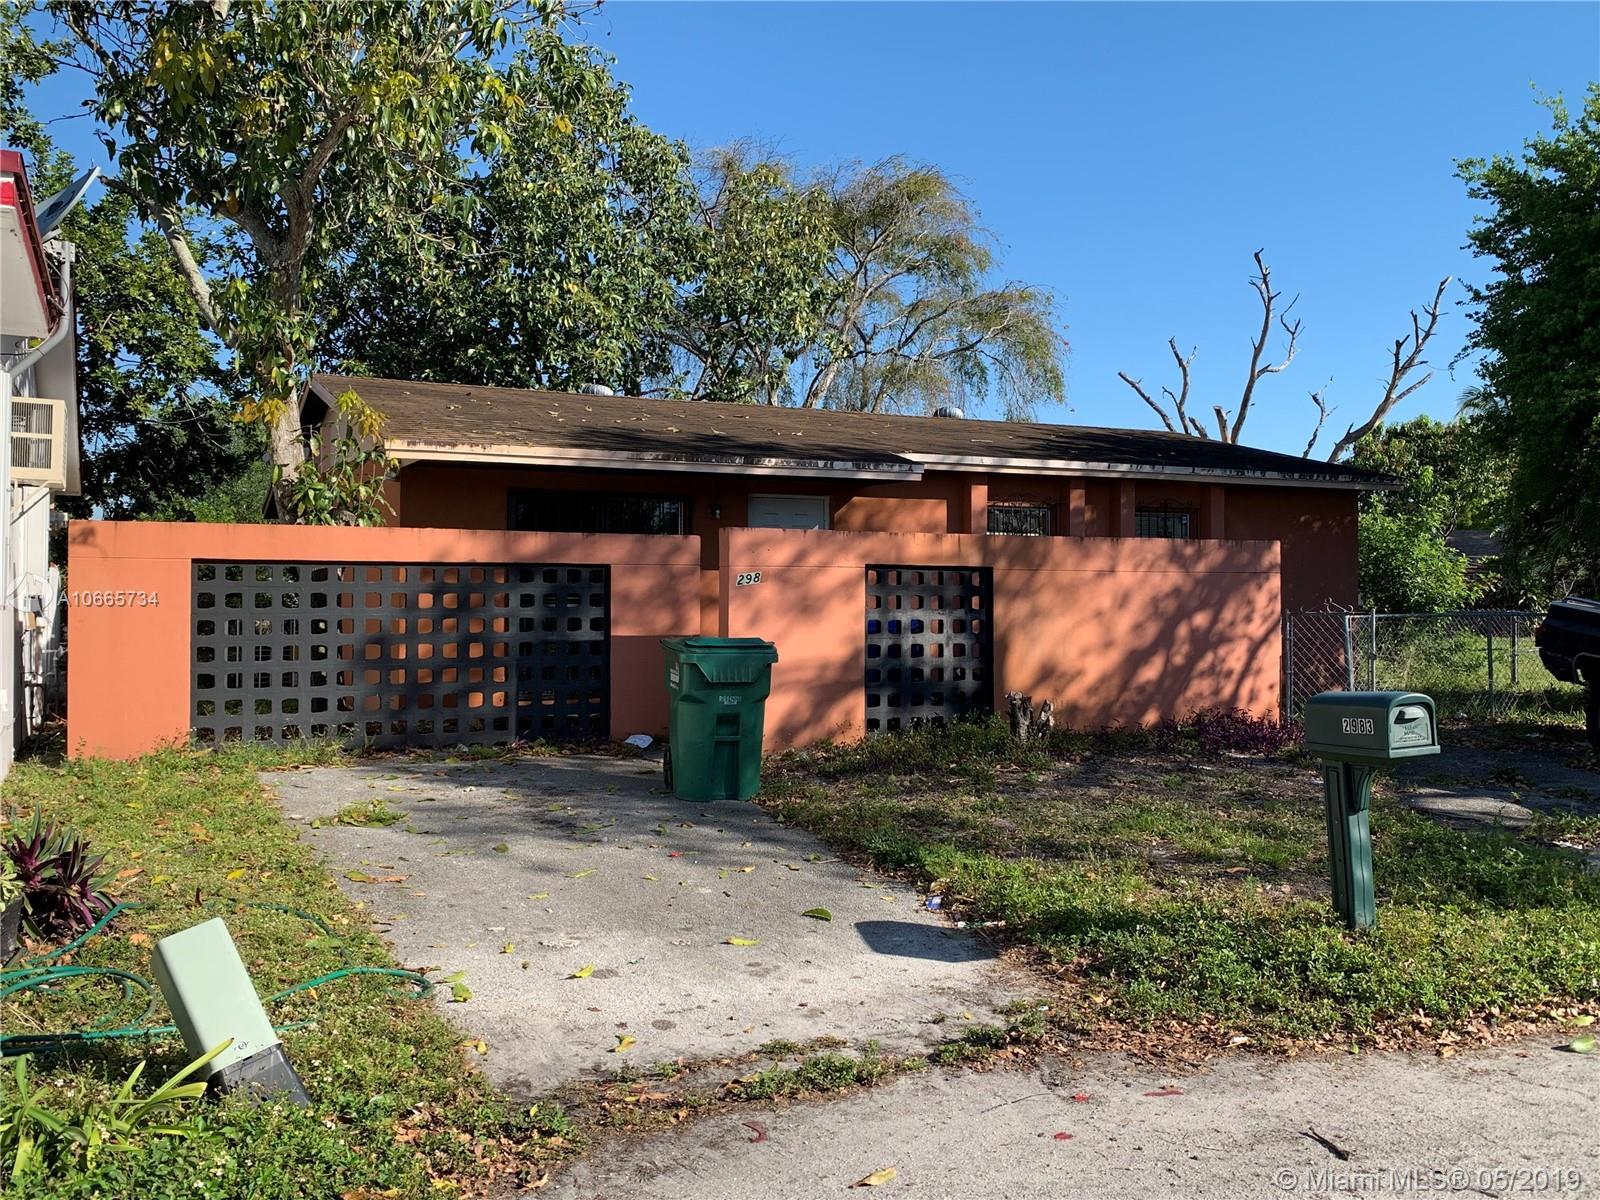 2983 NW 191st Ter, Miami Gardens, Florida 33056